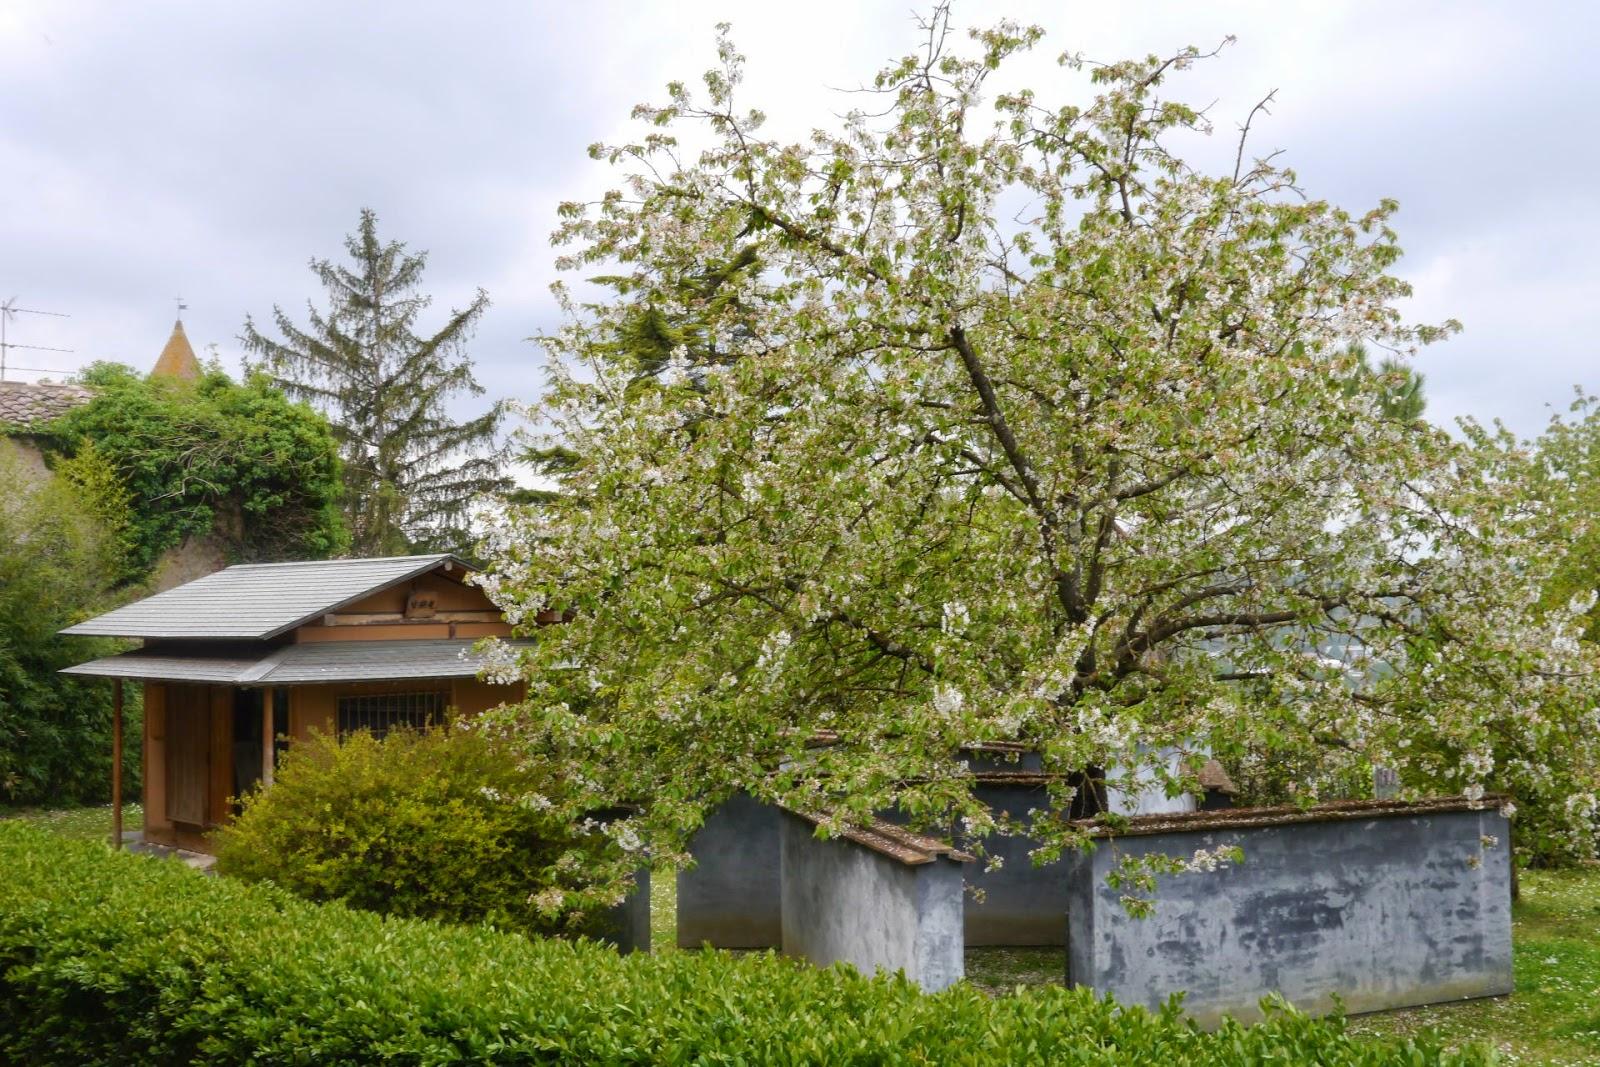 Giardino Zen Bonseki : Giardini giapponesi immagini interesting il giardino zen